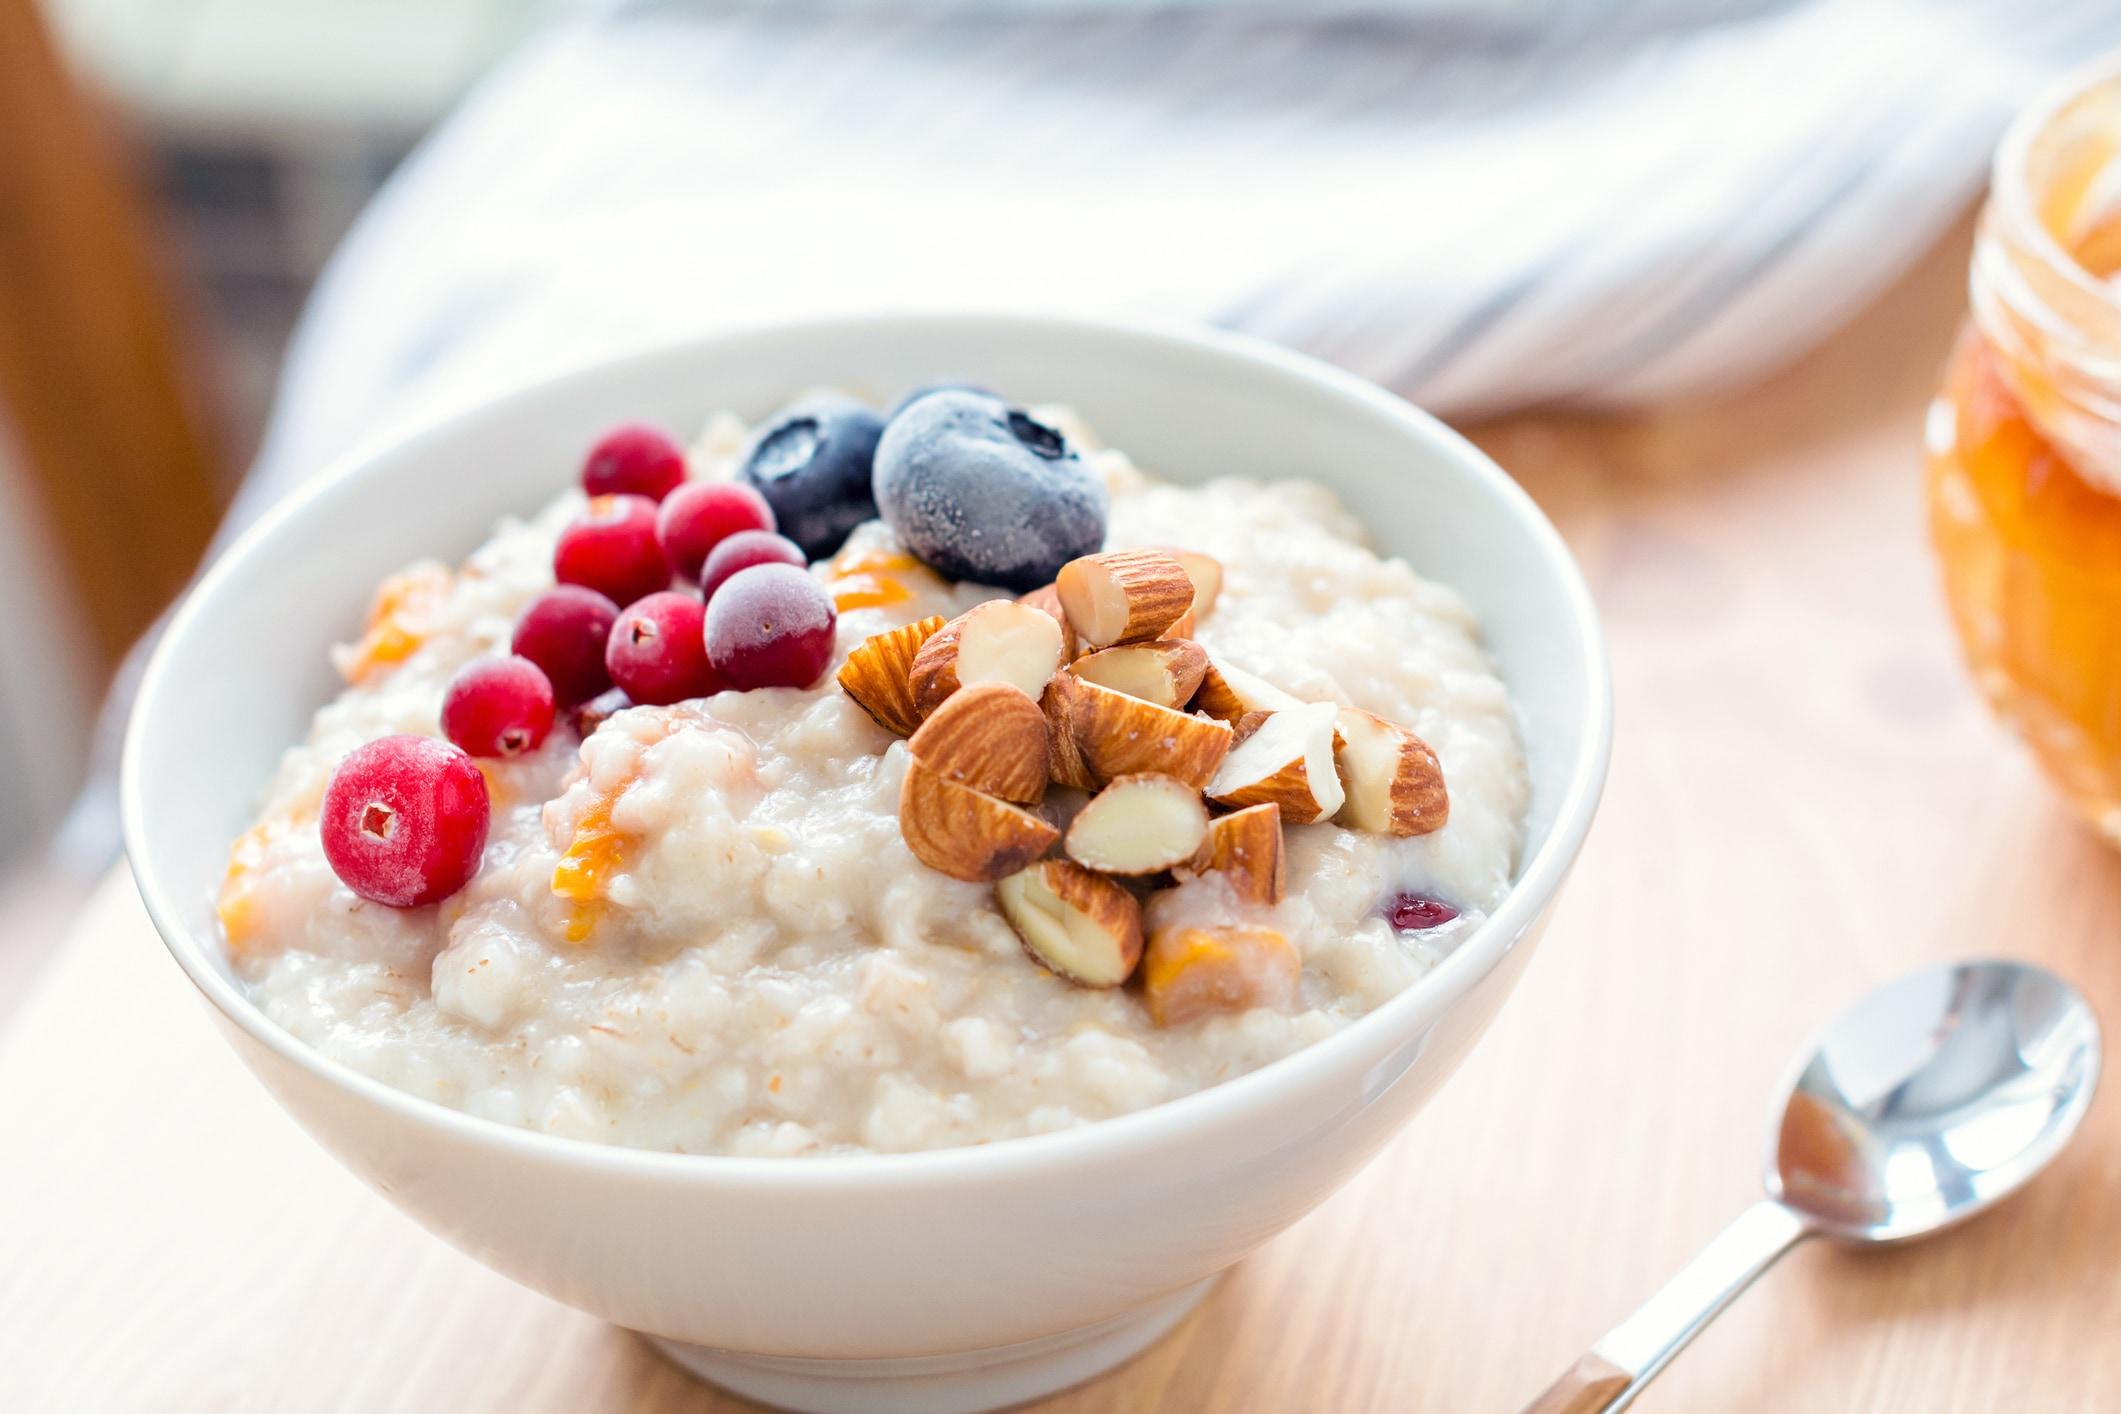 Fogyni szeretnél? 5 finom diétás reggeli, amivel sikerülni fog! - romance-tv.hu